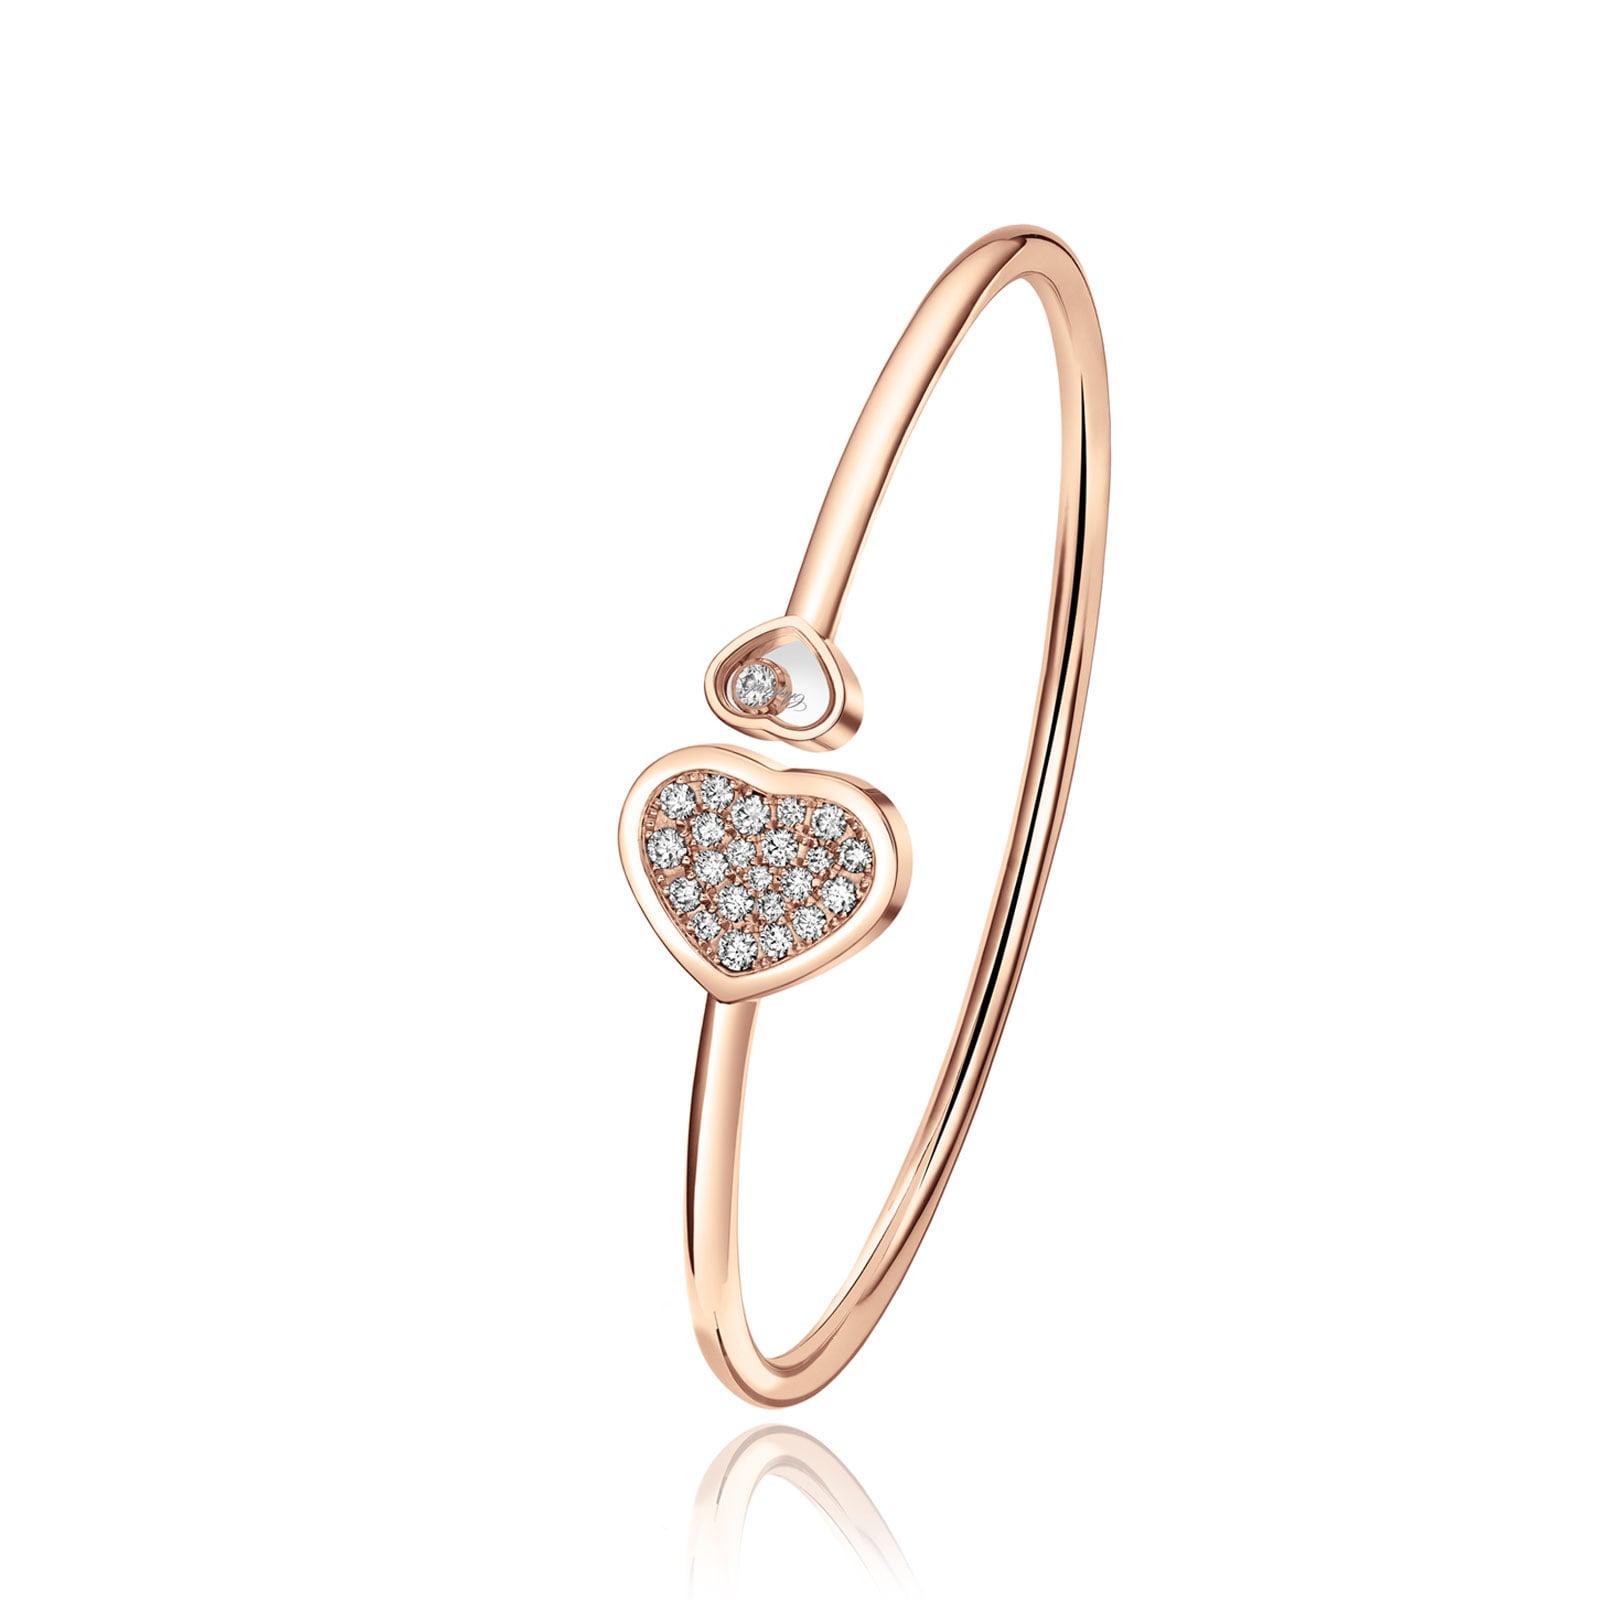 réduction jusqu'à 60% produit chaud Royaume-Uni Chopard Bracelet Happy Hearts - Lionel Meylan Vevey